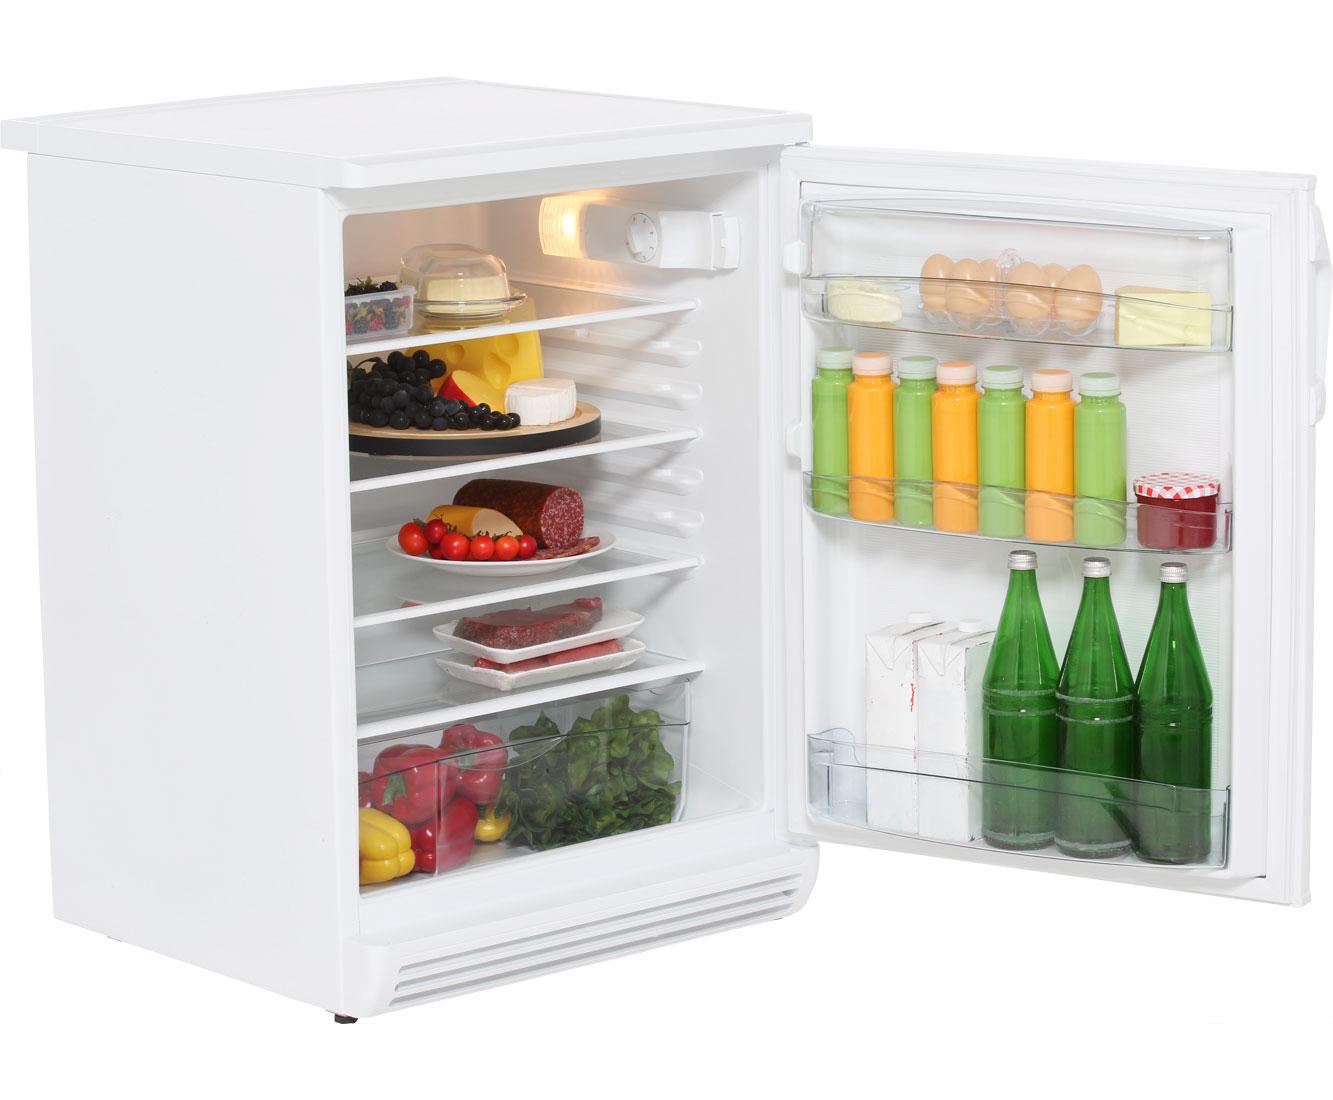 Retro Kühlschrank Testsieger : Retro kühlschrank testsieger kühlschrank mit gefrierfach test u